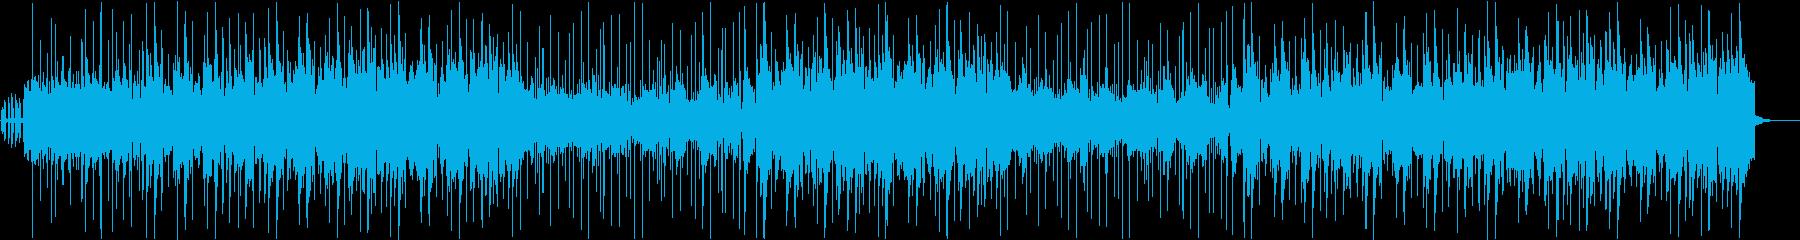 穏やかで少しポップなサウンドの再生済みの波形